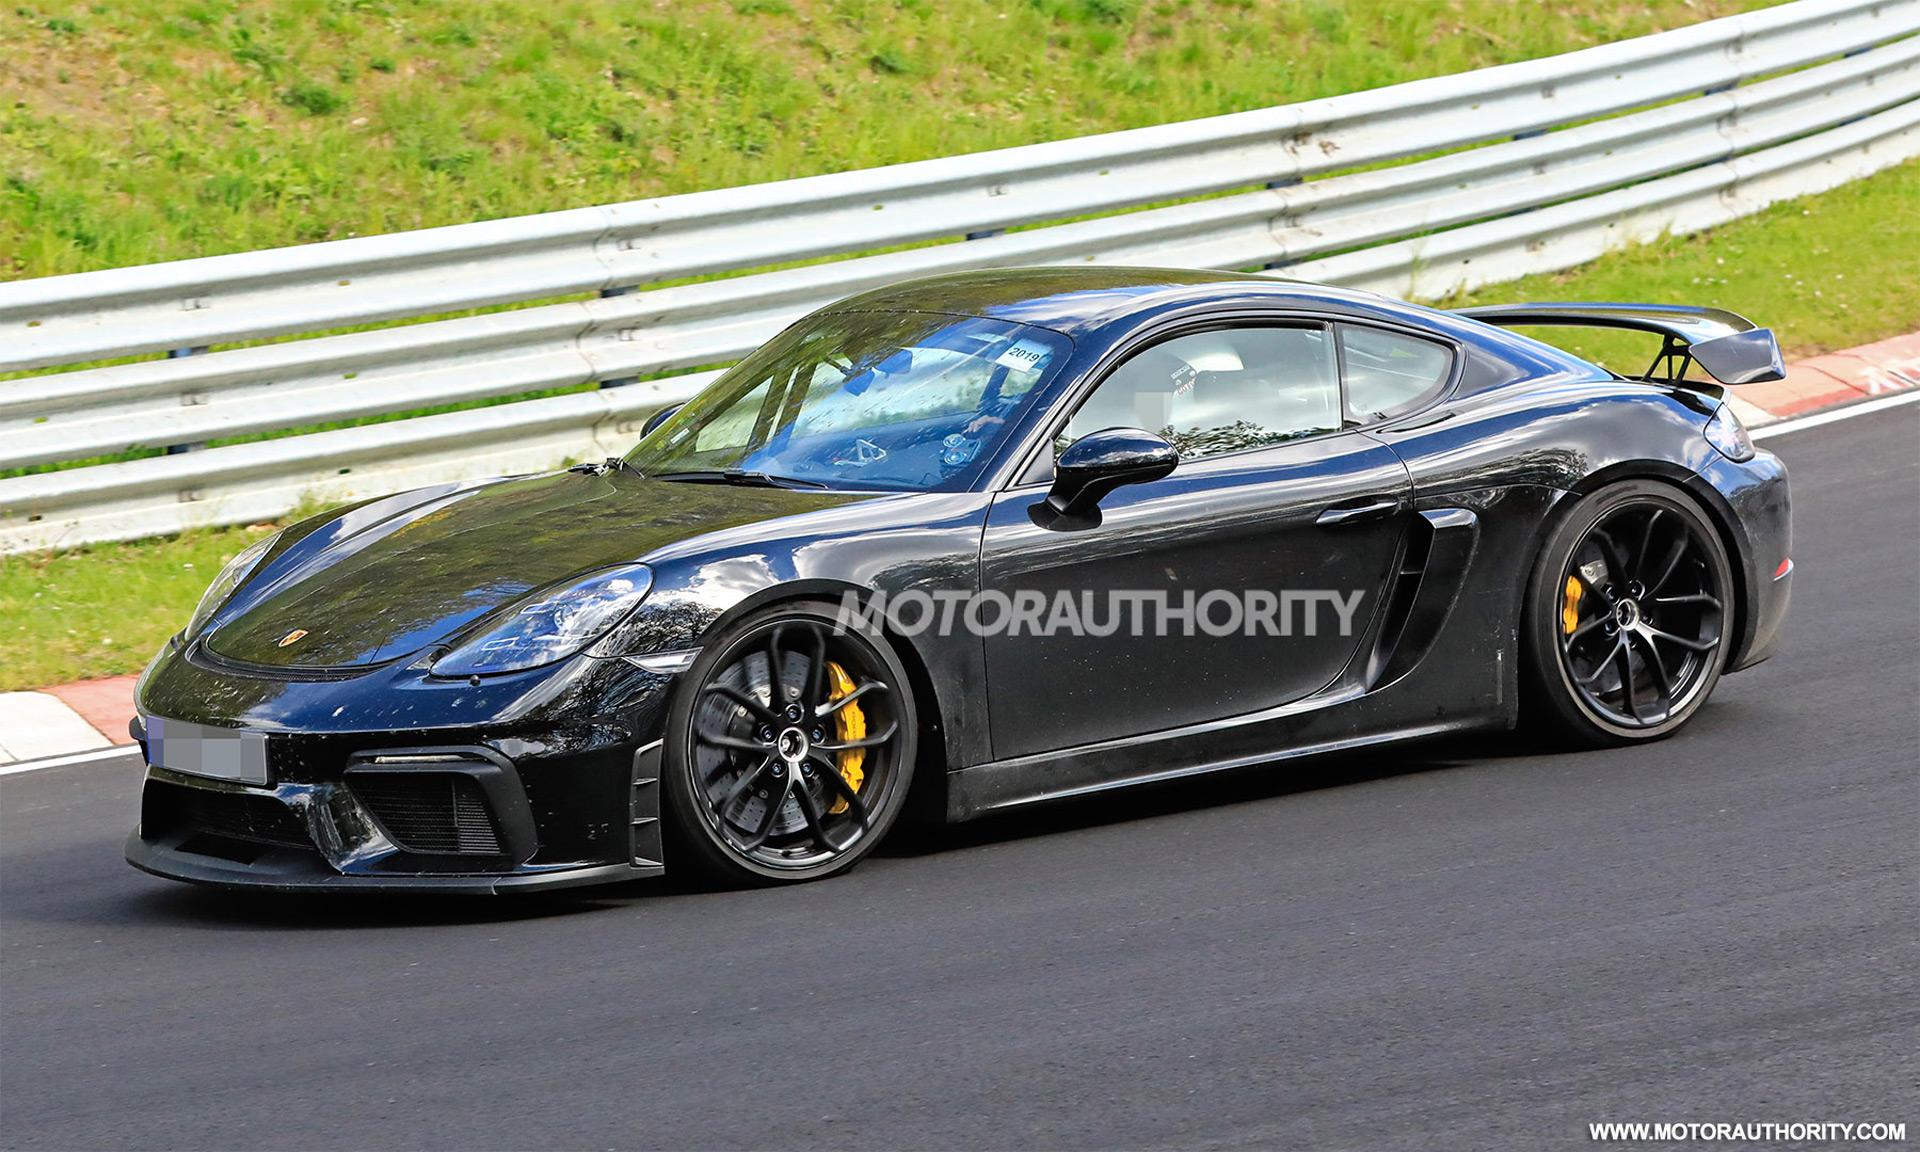 2020 Porsche 718 Cayman GT4 spy shots and video